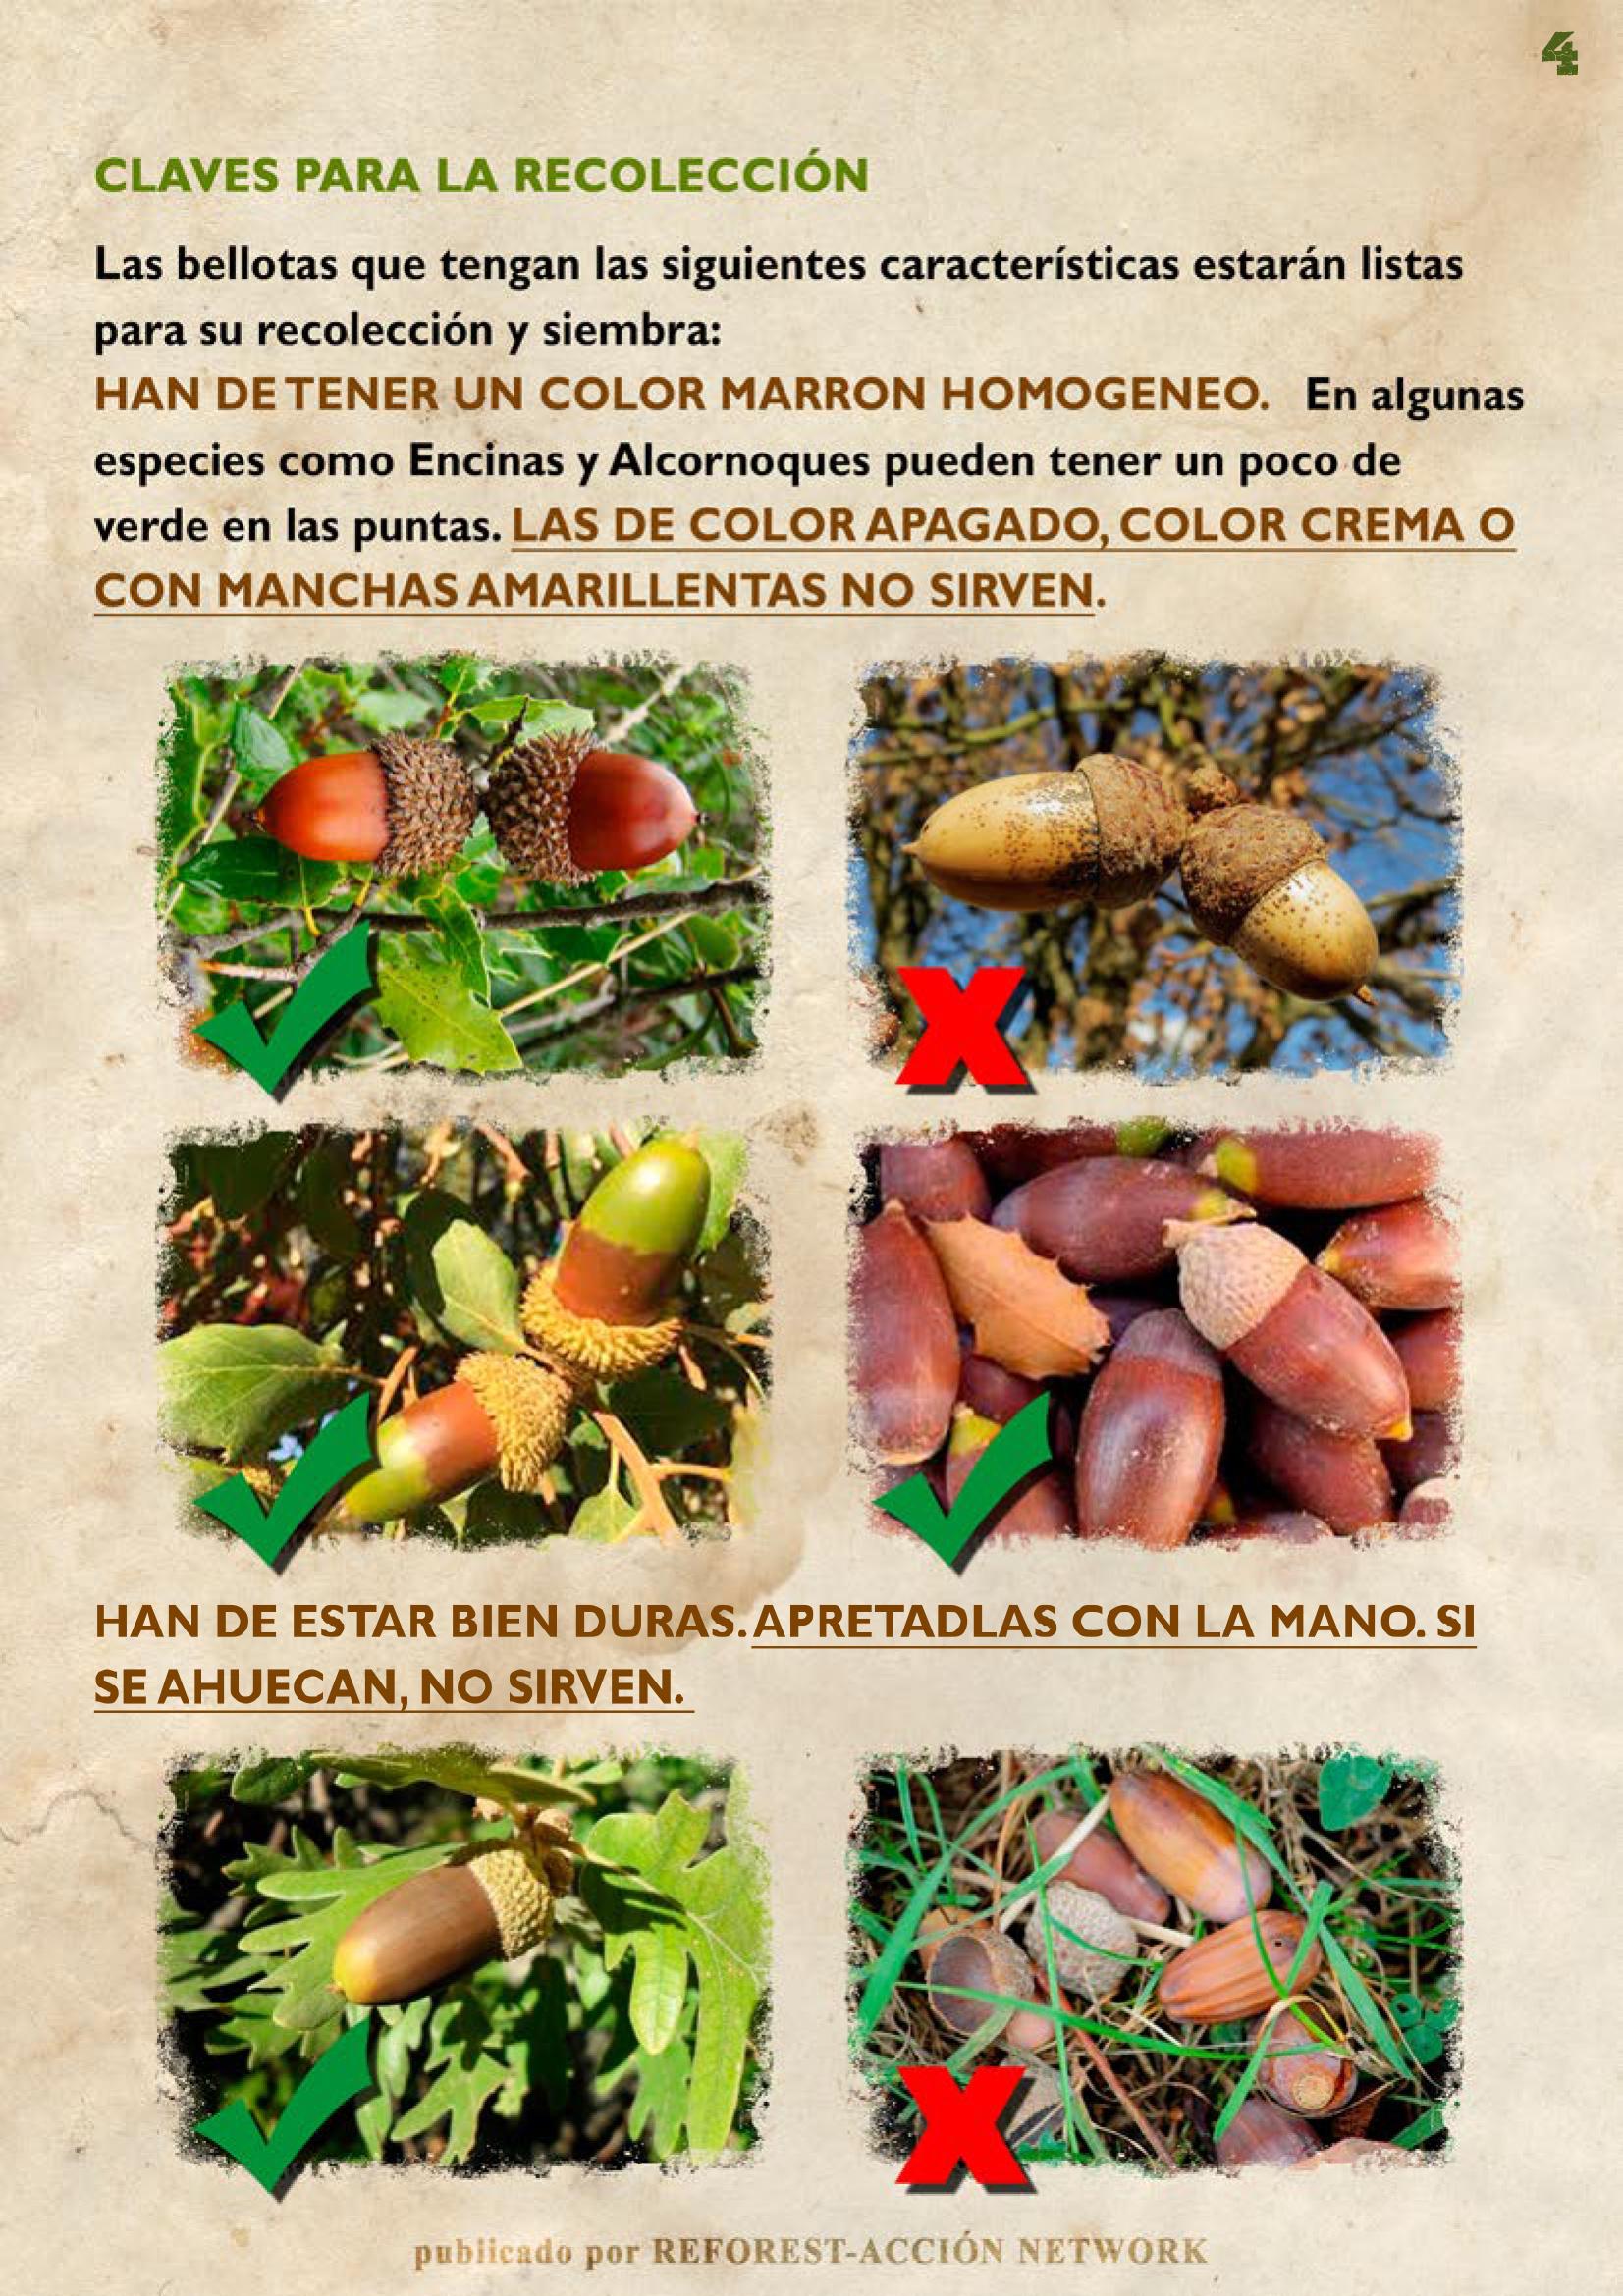 GUIA BELLOTERA - PAG 5